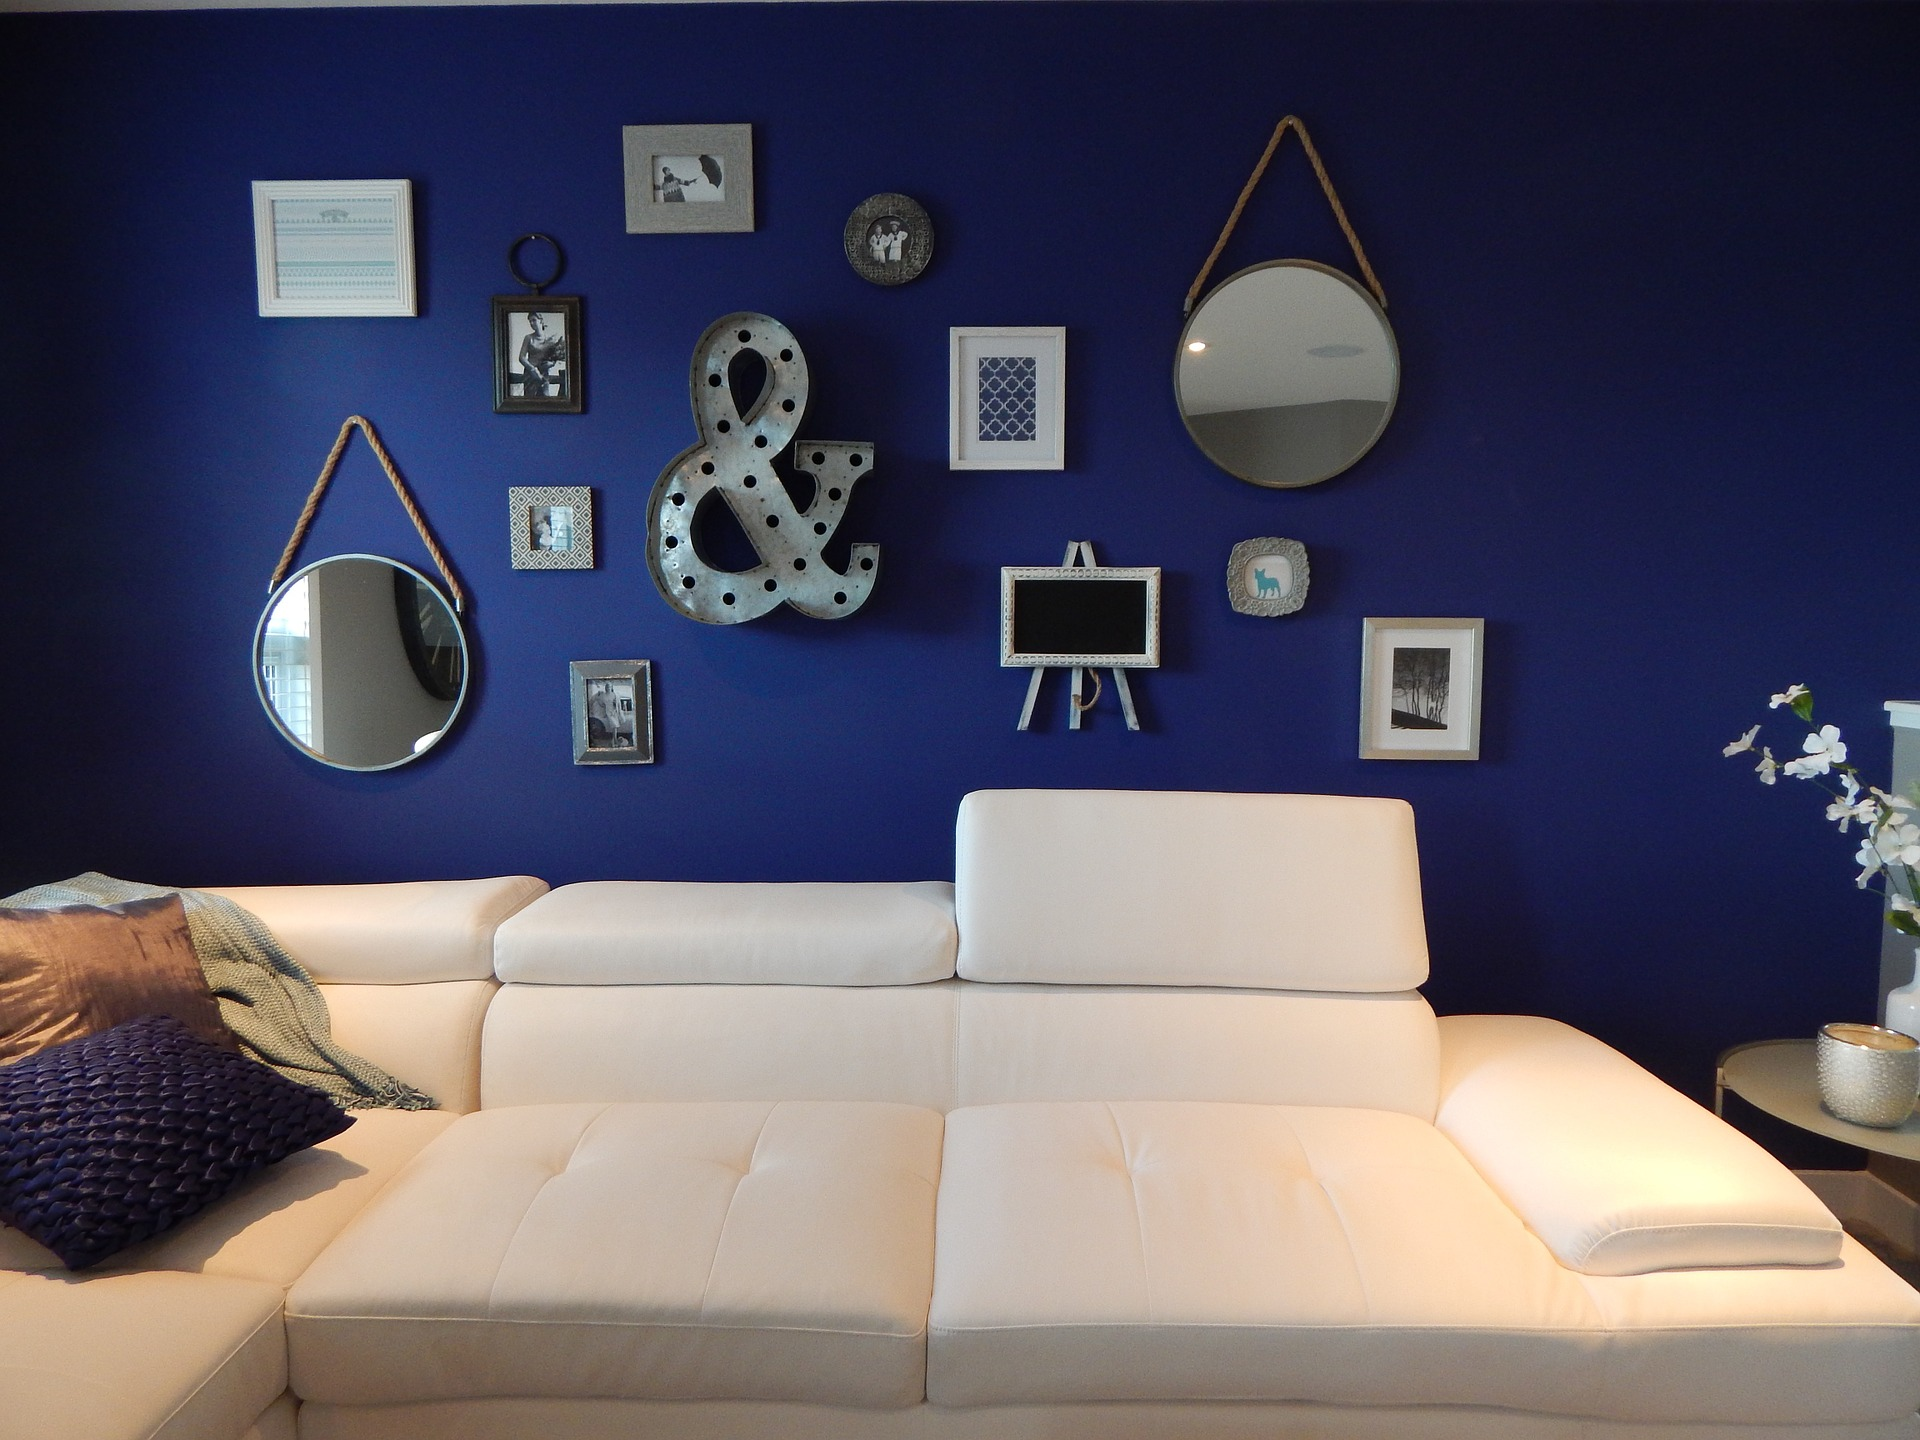 Comment_décorer_avec_quelque_chose_de_bleu